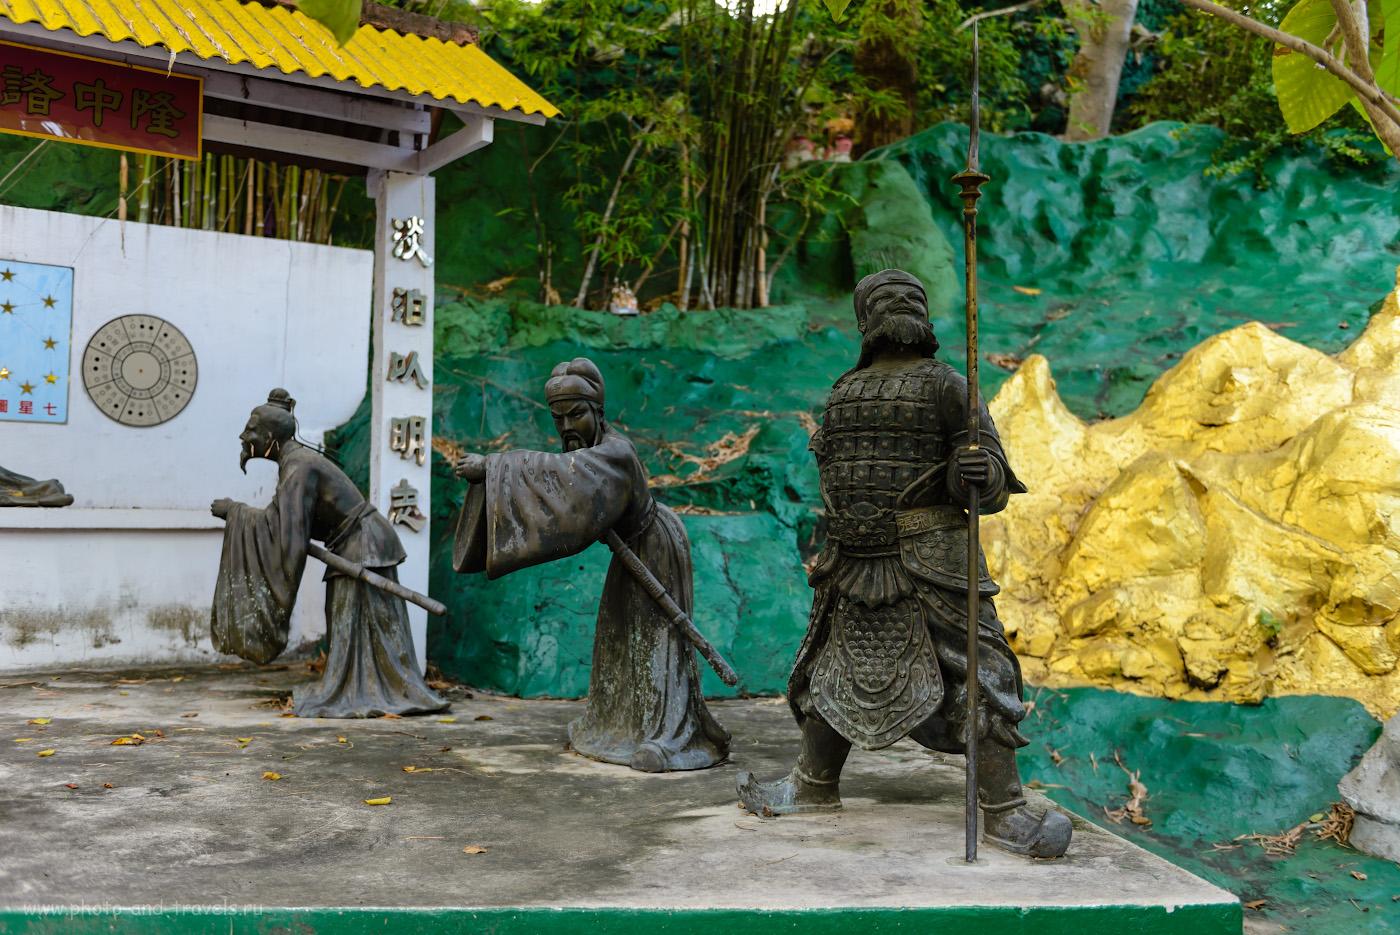 Фото 3. Сценка из знаменитого китайского романа XIV века «Троецарствие». Отзыв о прогулке по парку Wang Sam Sien на холме Большого Будды в Паттайе. 1/80, 2.8, 110, 36.